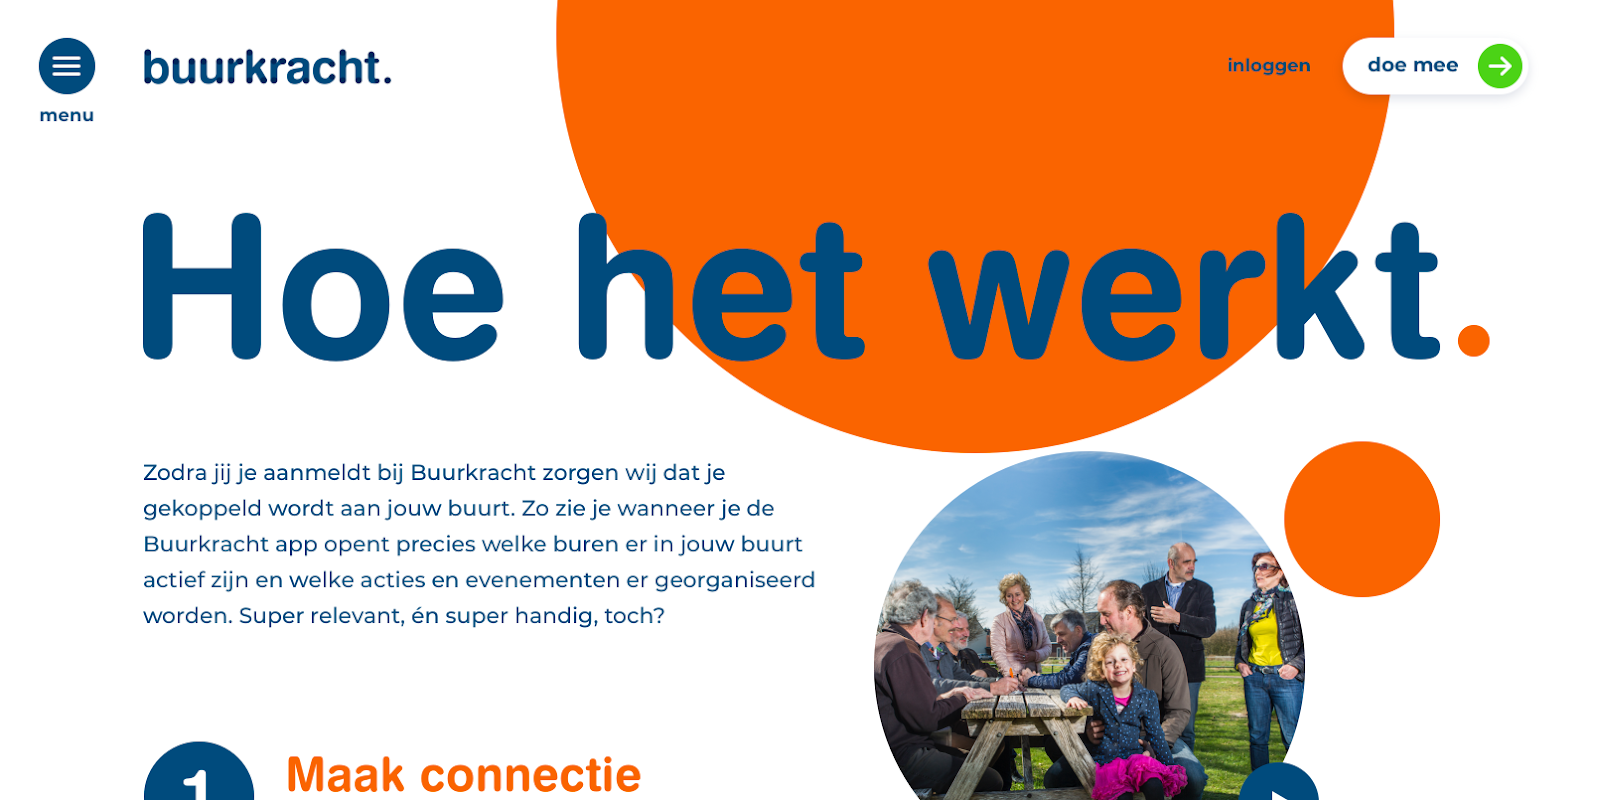 buurkracht.nl